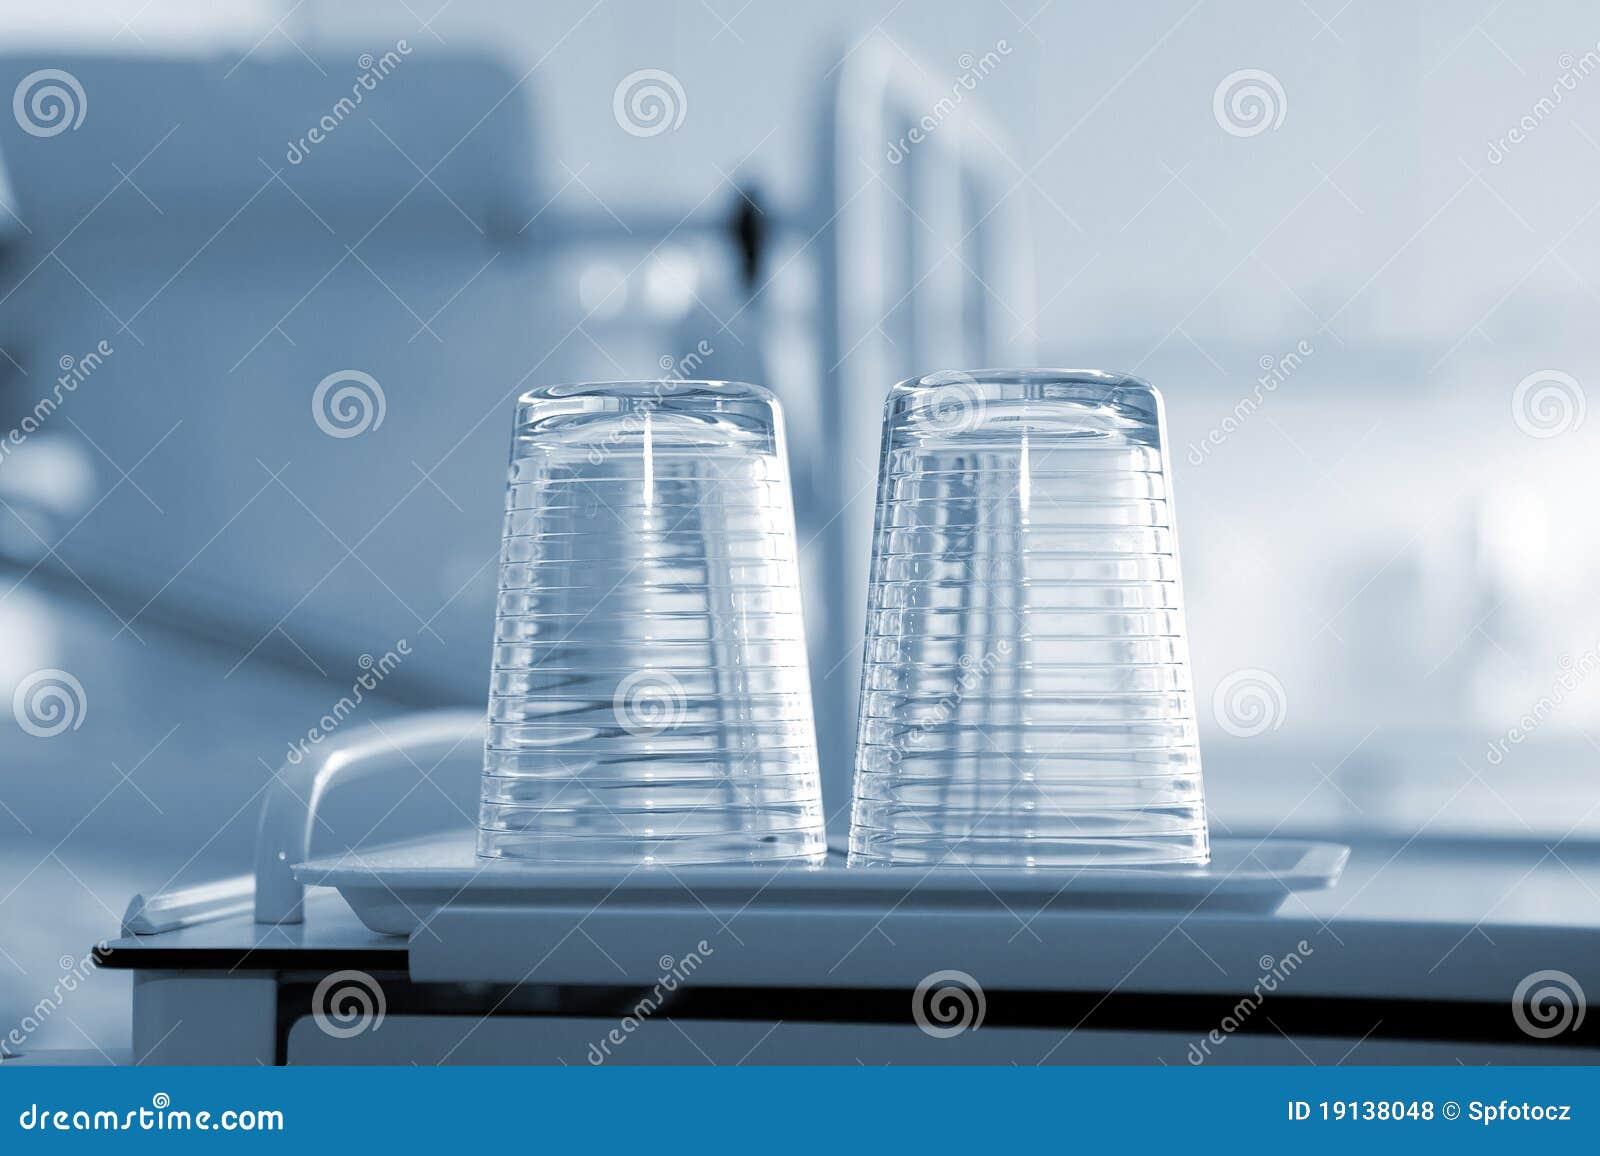 Tumbler de vidro vazio